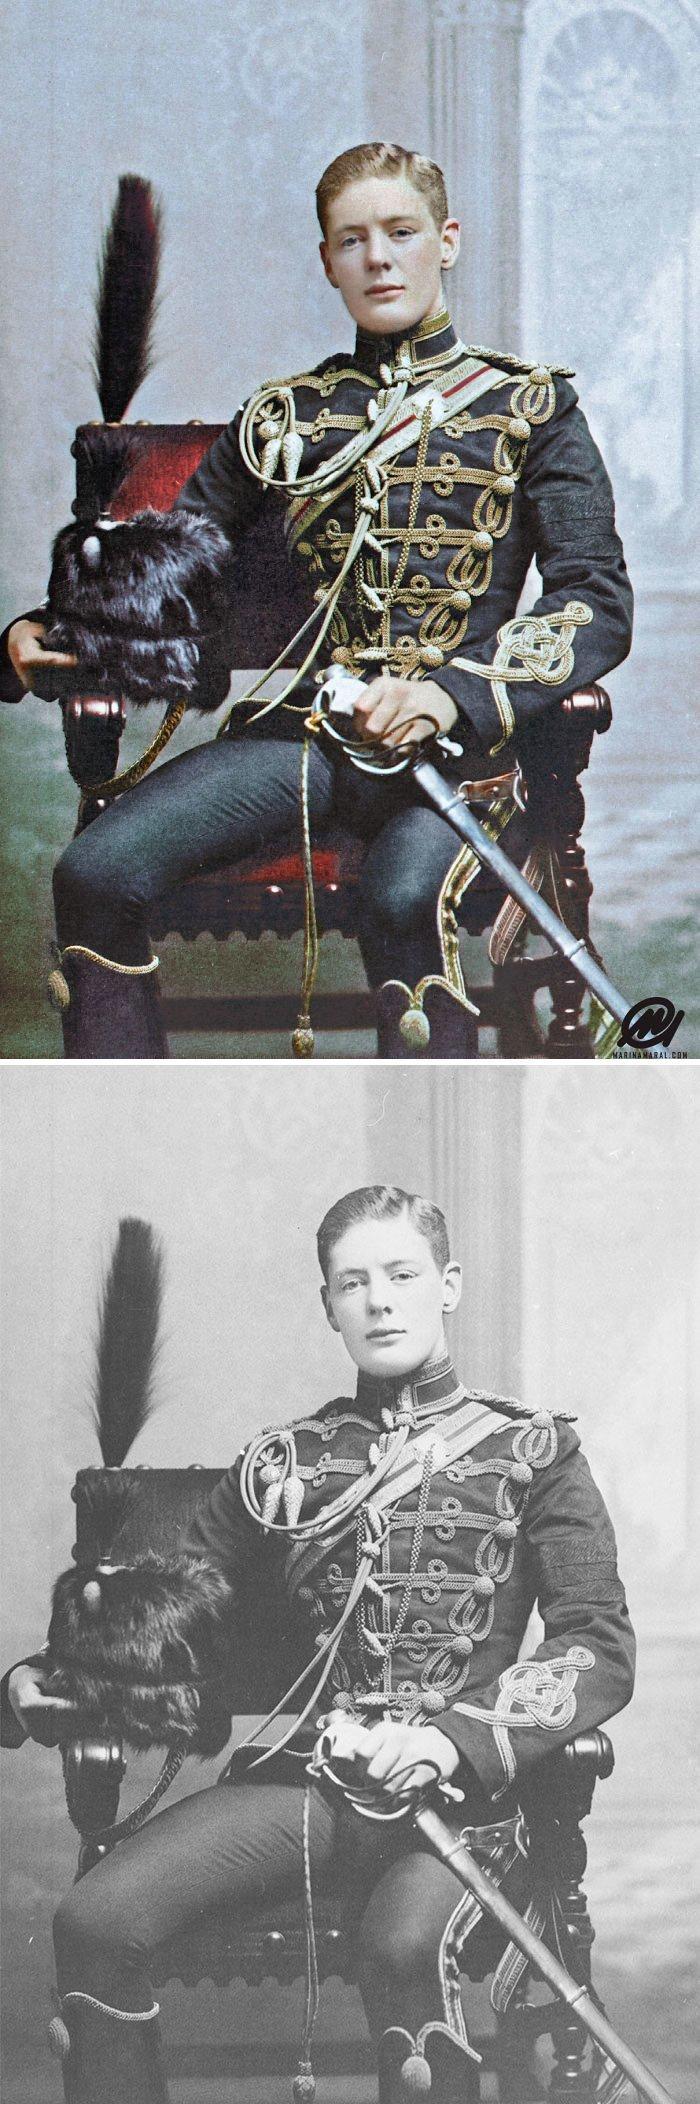 Уинстон Черчилль в форме корнета 4-го Гусарского полка, 1895 год история, портрет, прошлое, событие, фотография, фотомир, цвет